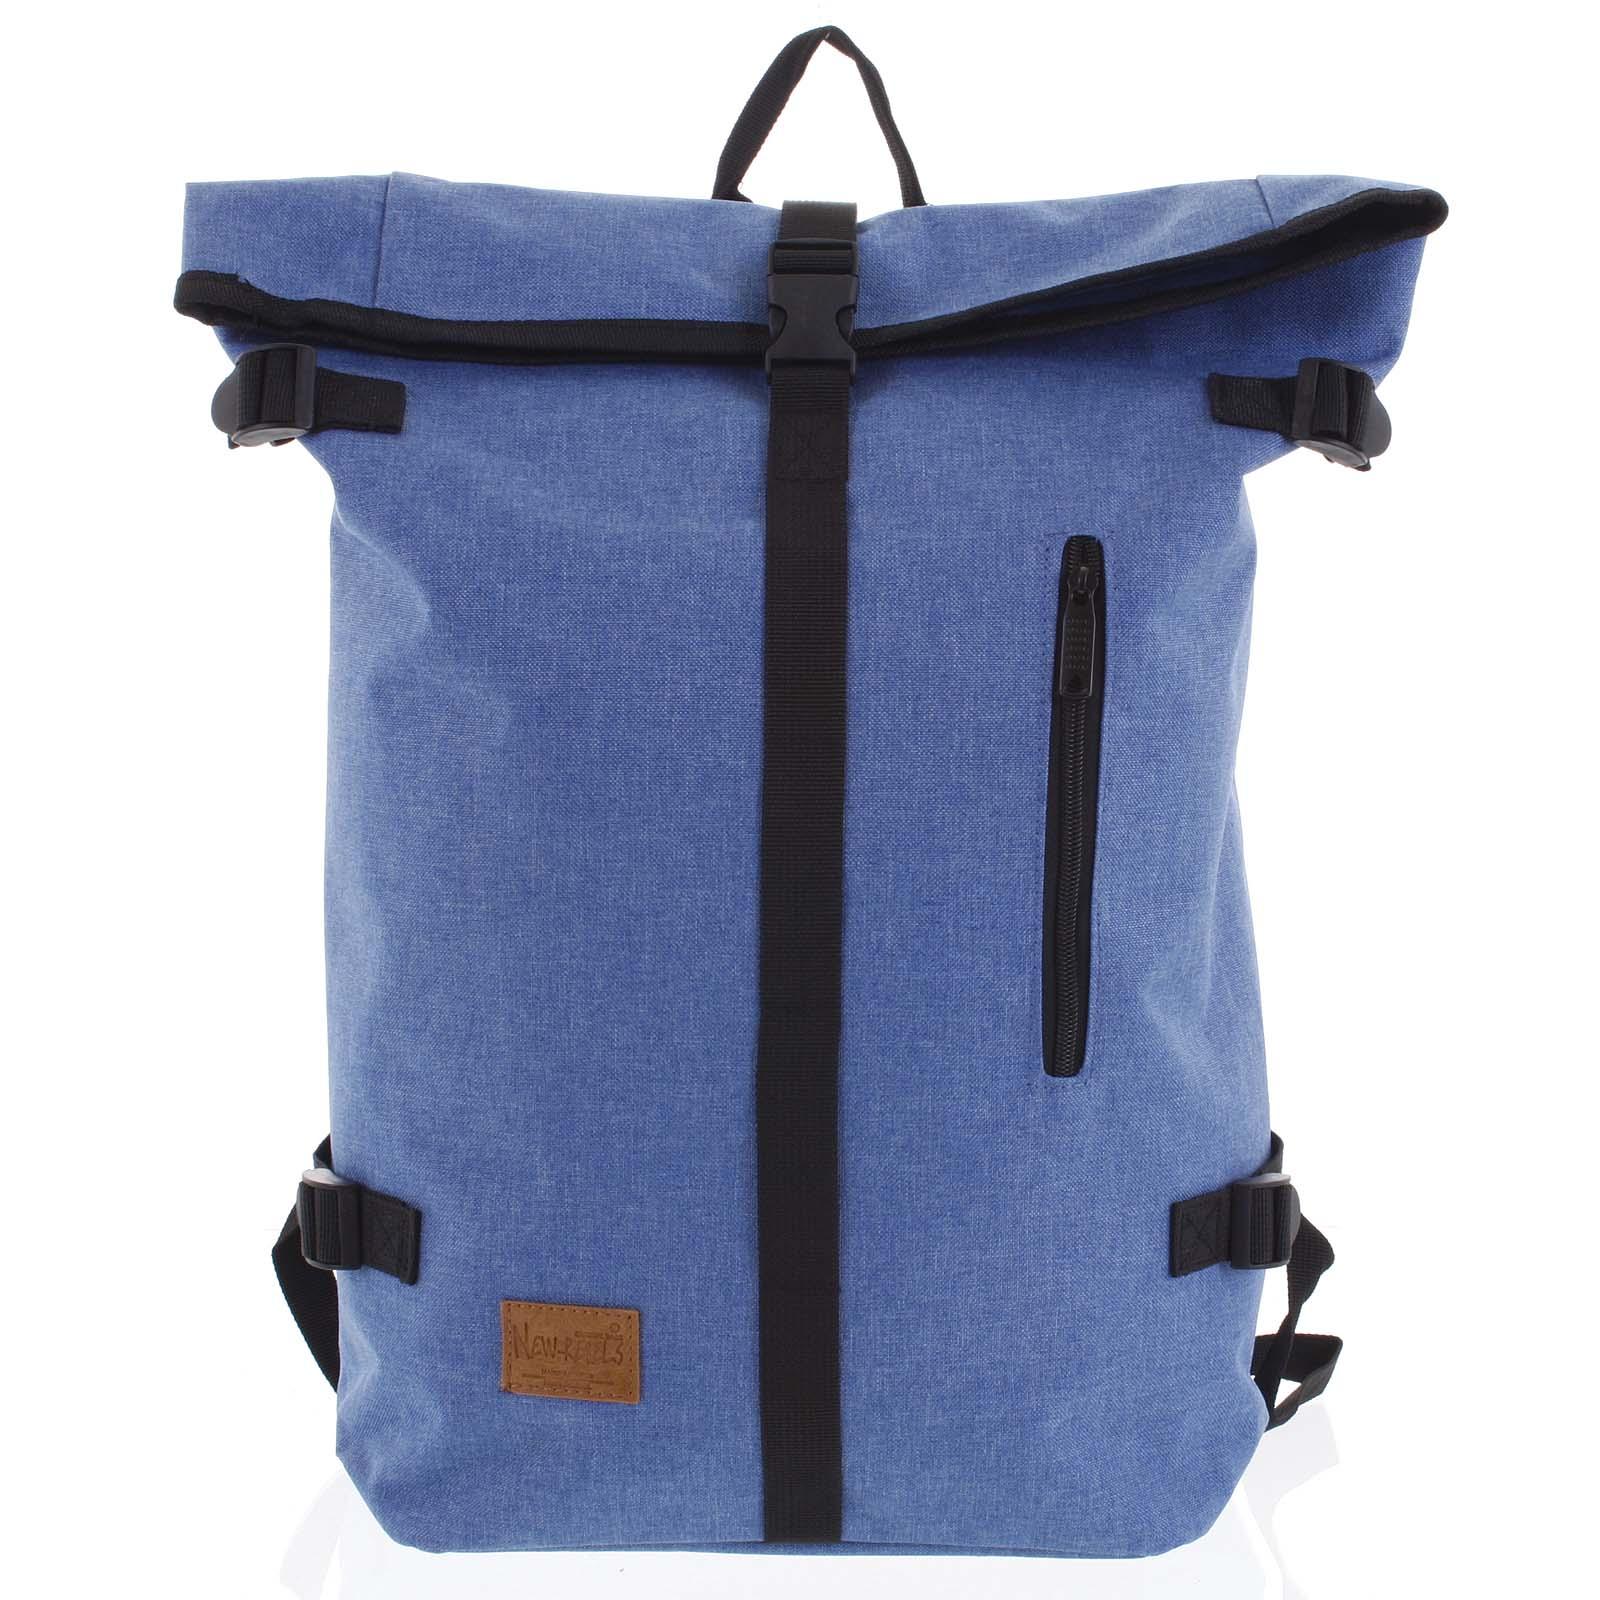 Jedinečný velký stylový unisex batoh světle modrý - New Rebels Rebback